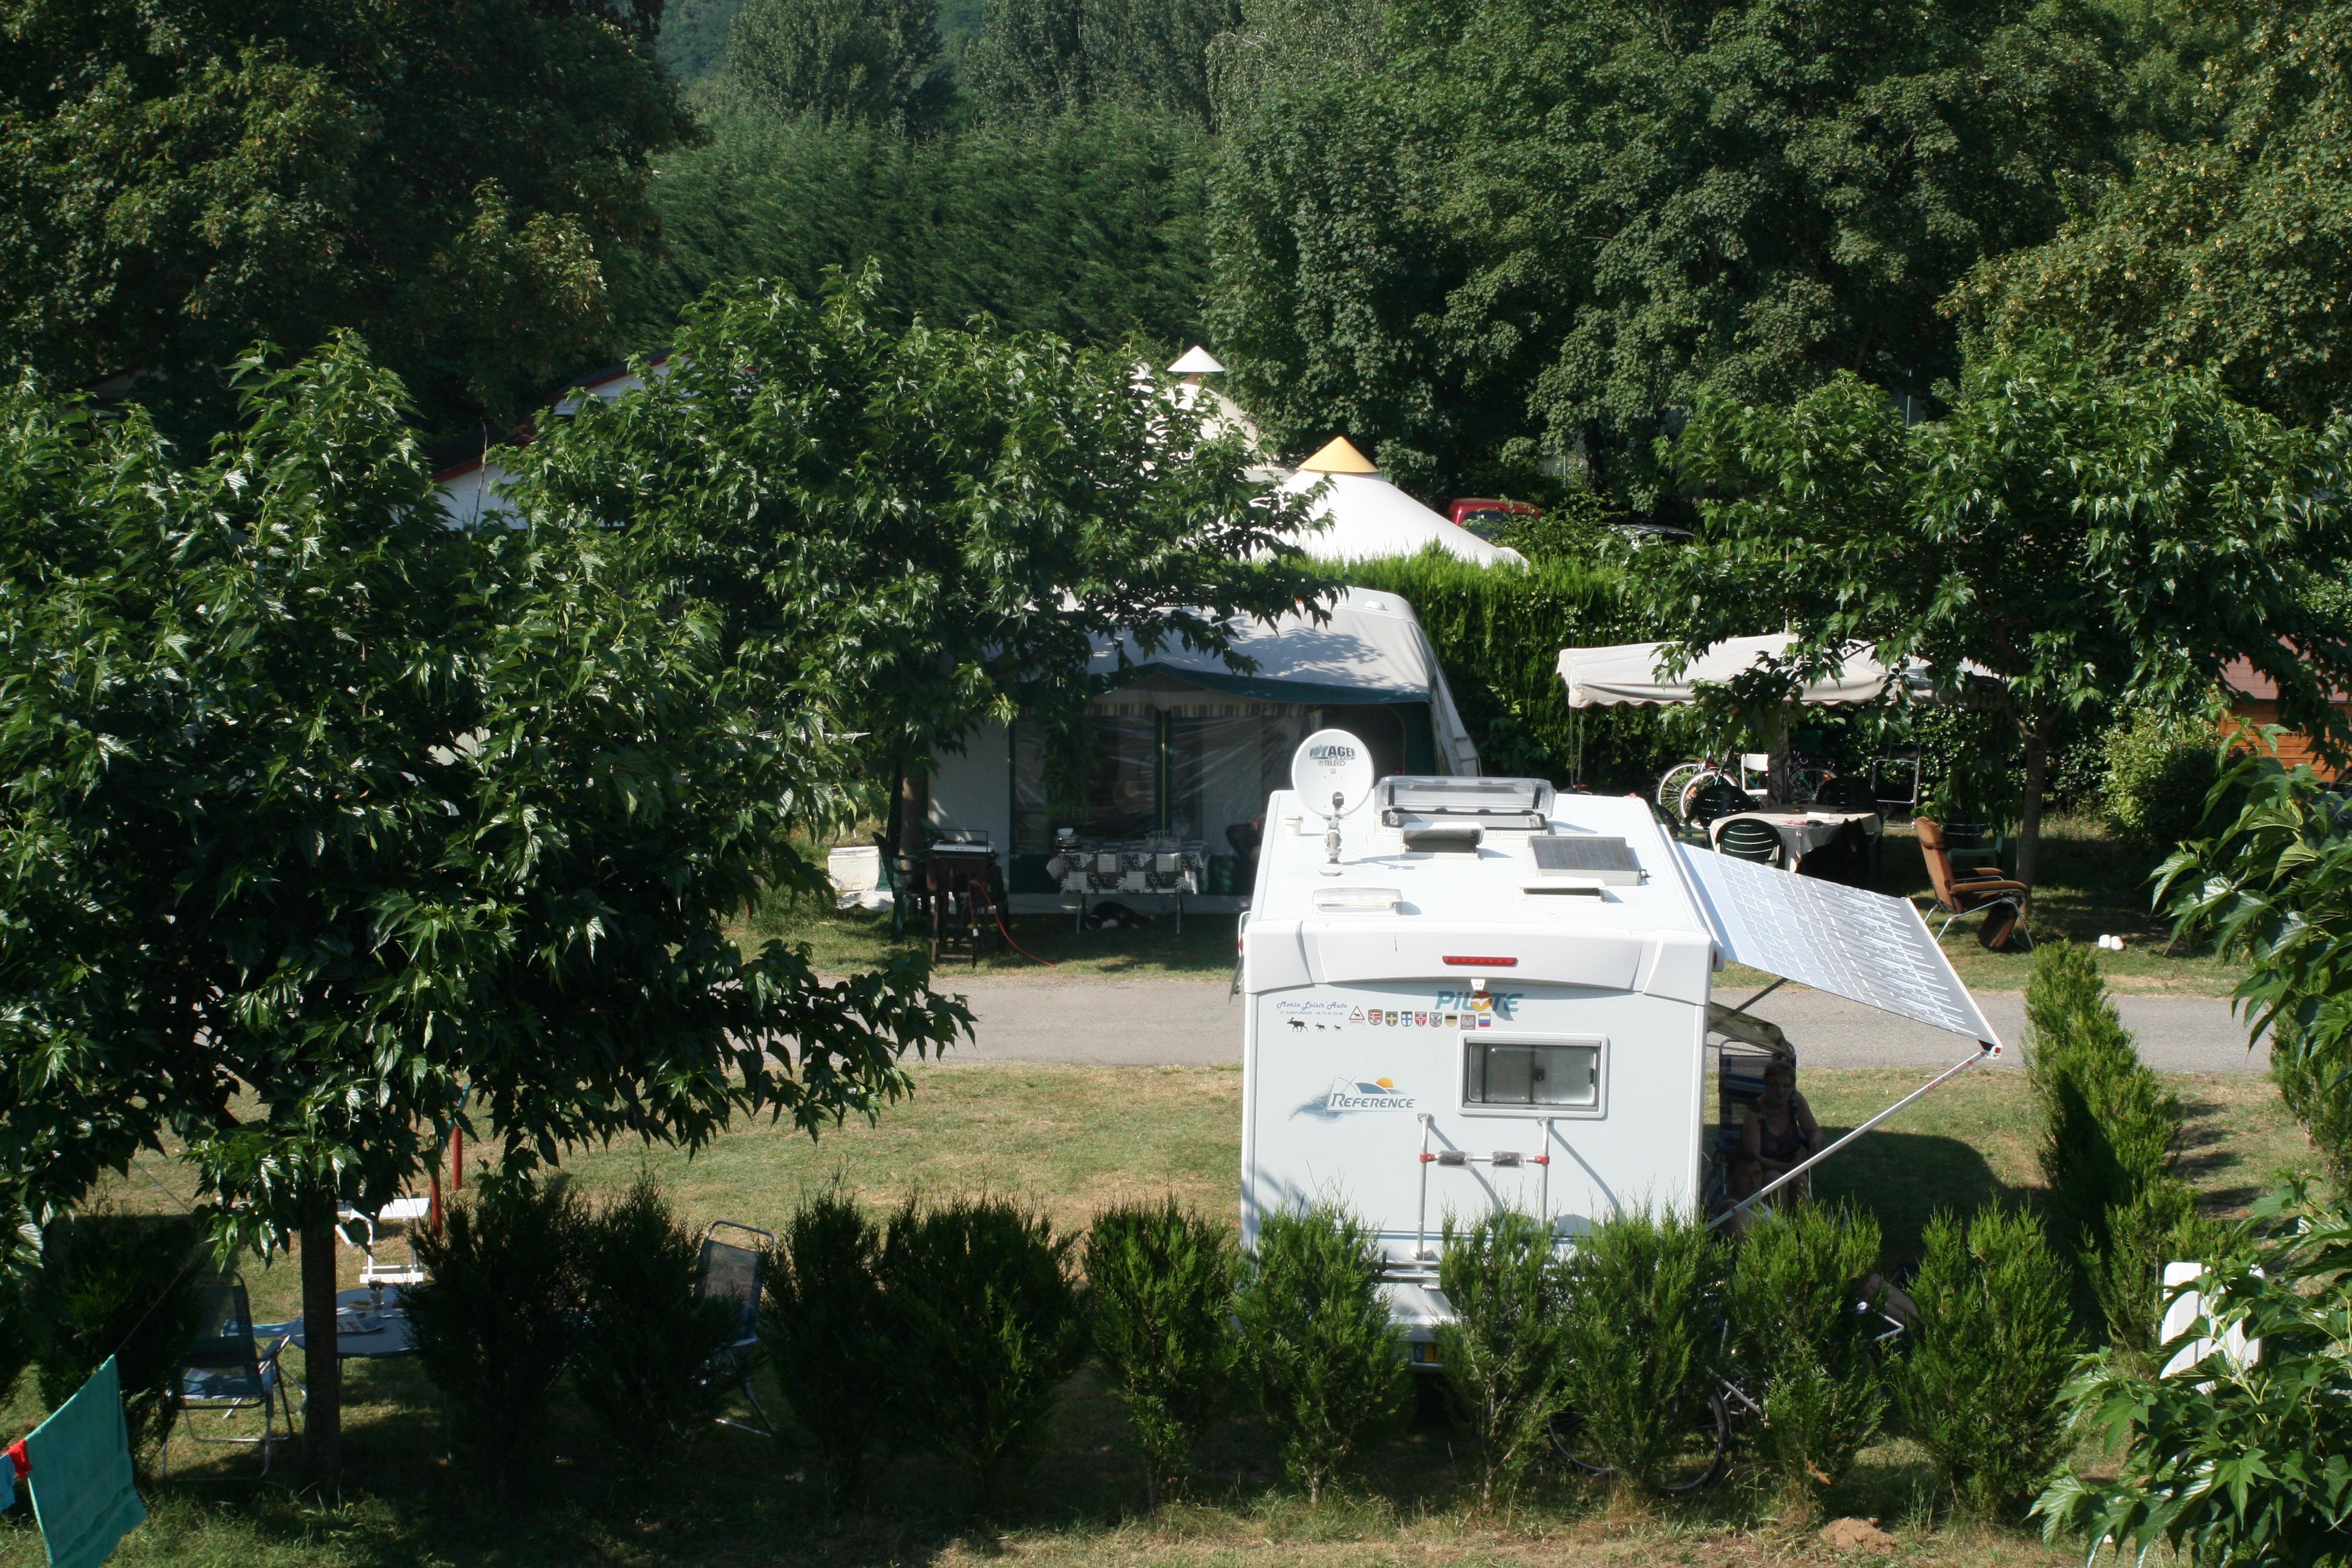 Emplacement - Emplacement Électricité 10A + 1 Voiture + Tente Ou Caravane - Camping du Lac